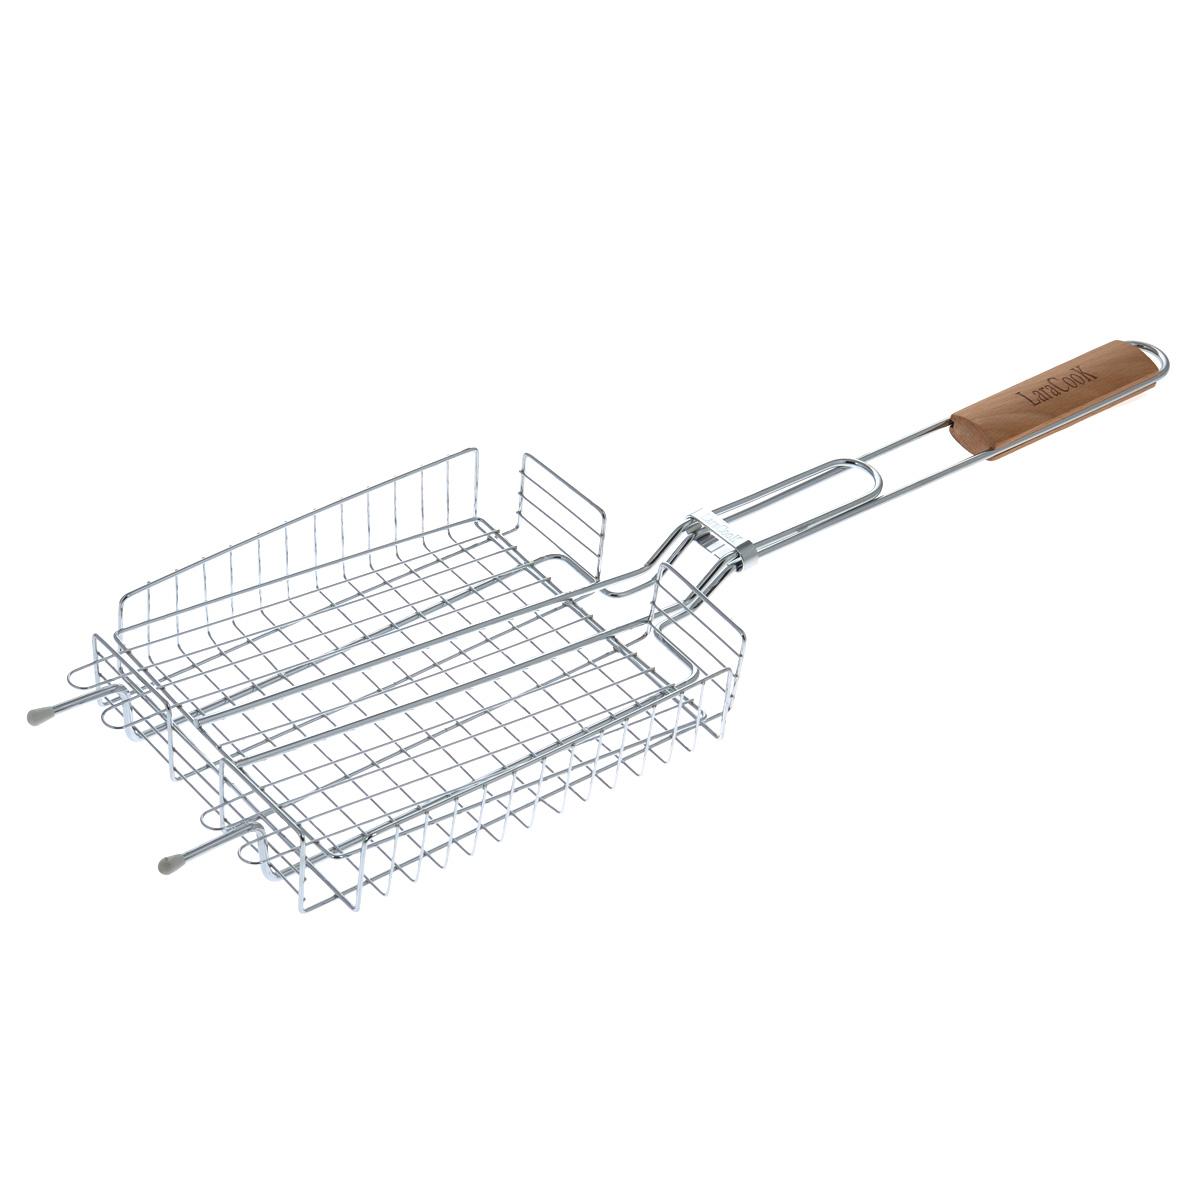 """Решетка-гриль """"Laracook"""" изготовлена из нержавеющей стали.  Приготовление вкусных блюд из рыбы, мяса или птицы на пикнике становится еще более быстрым и удобным с использованием решетки-гриль.  Верхняя прижимная сетка решетки регулируется по высоте и позволяет готовить продукты разной толщины. Высокие бортики не дадут упасть продуктам на угли при перевороте решетки. Решетка-гриль отлично подходит для мангала.  Удобная для обхвата деревянная ручка помогает легче переворачивать решетку и делает ее использование более безопасным.     Размер решетки: 25 см х 20 см х 5 см. Длина ручки: 37 см."""